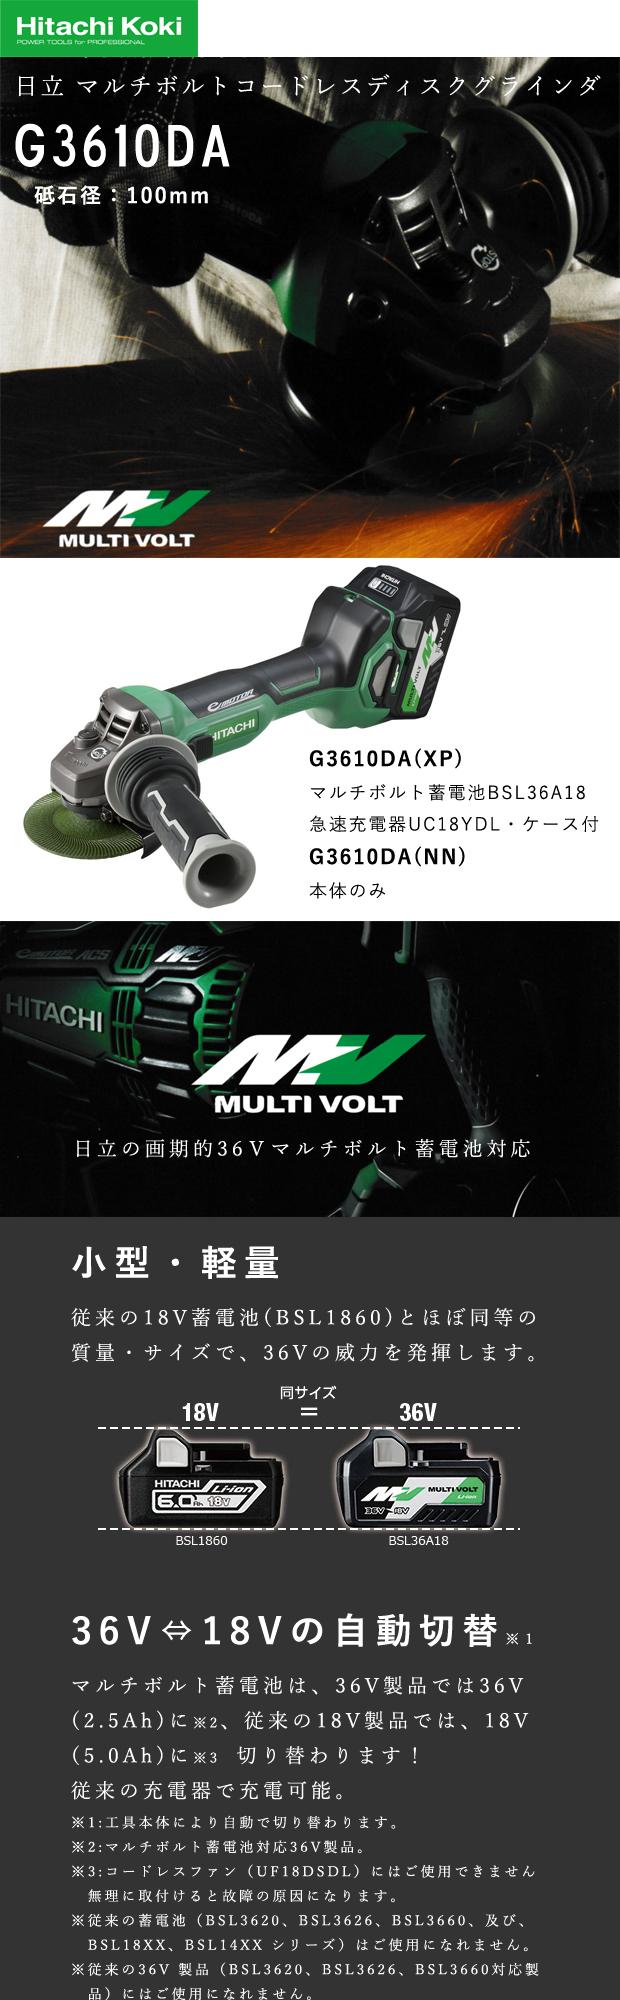 日立 マルチボルトコードレスディスクグラインダ 100mm径 G3610DA